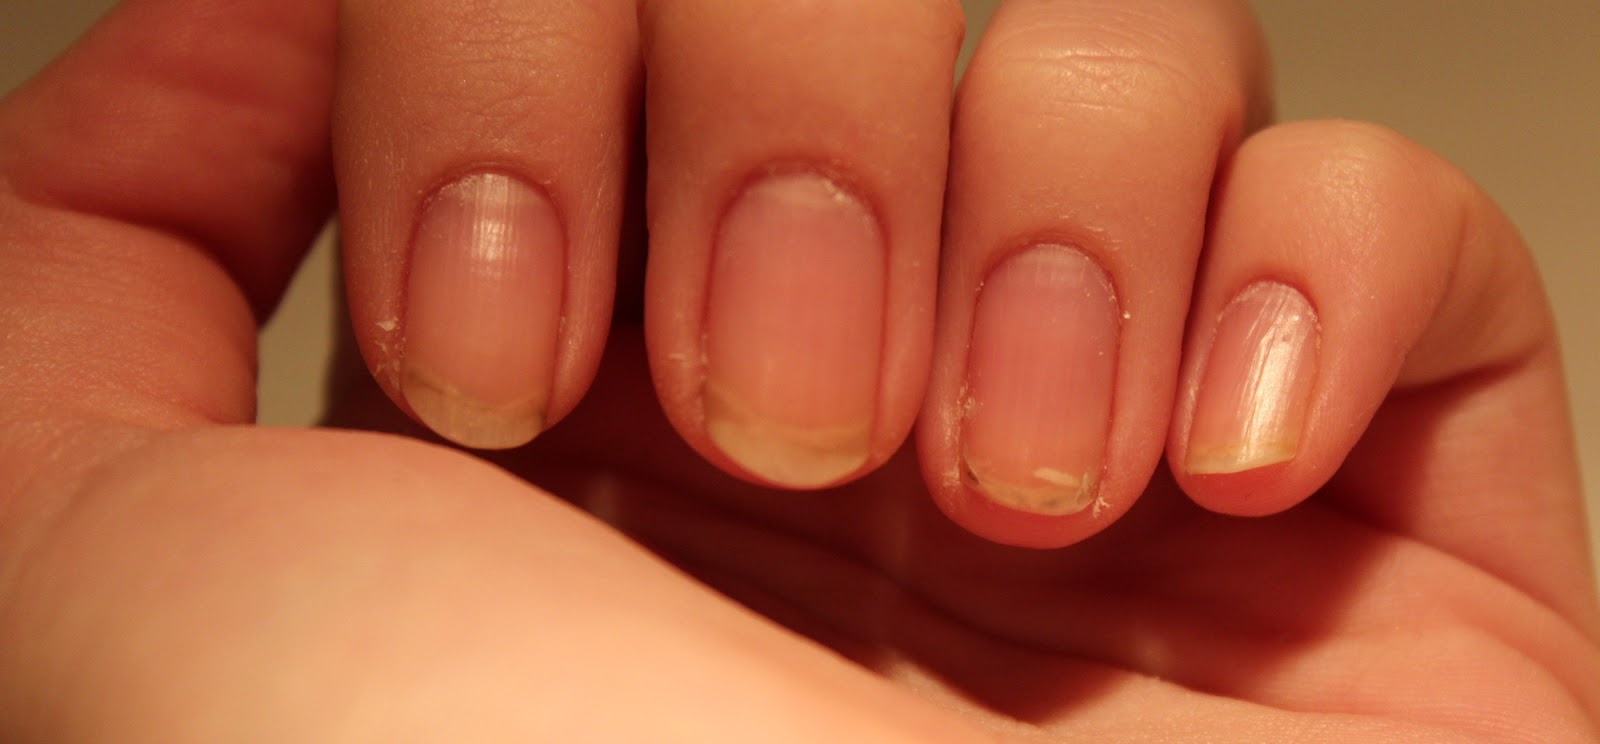 Расслоение ногтей причина и лечение фото